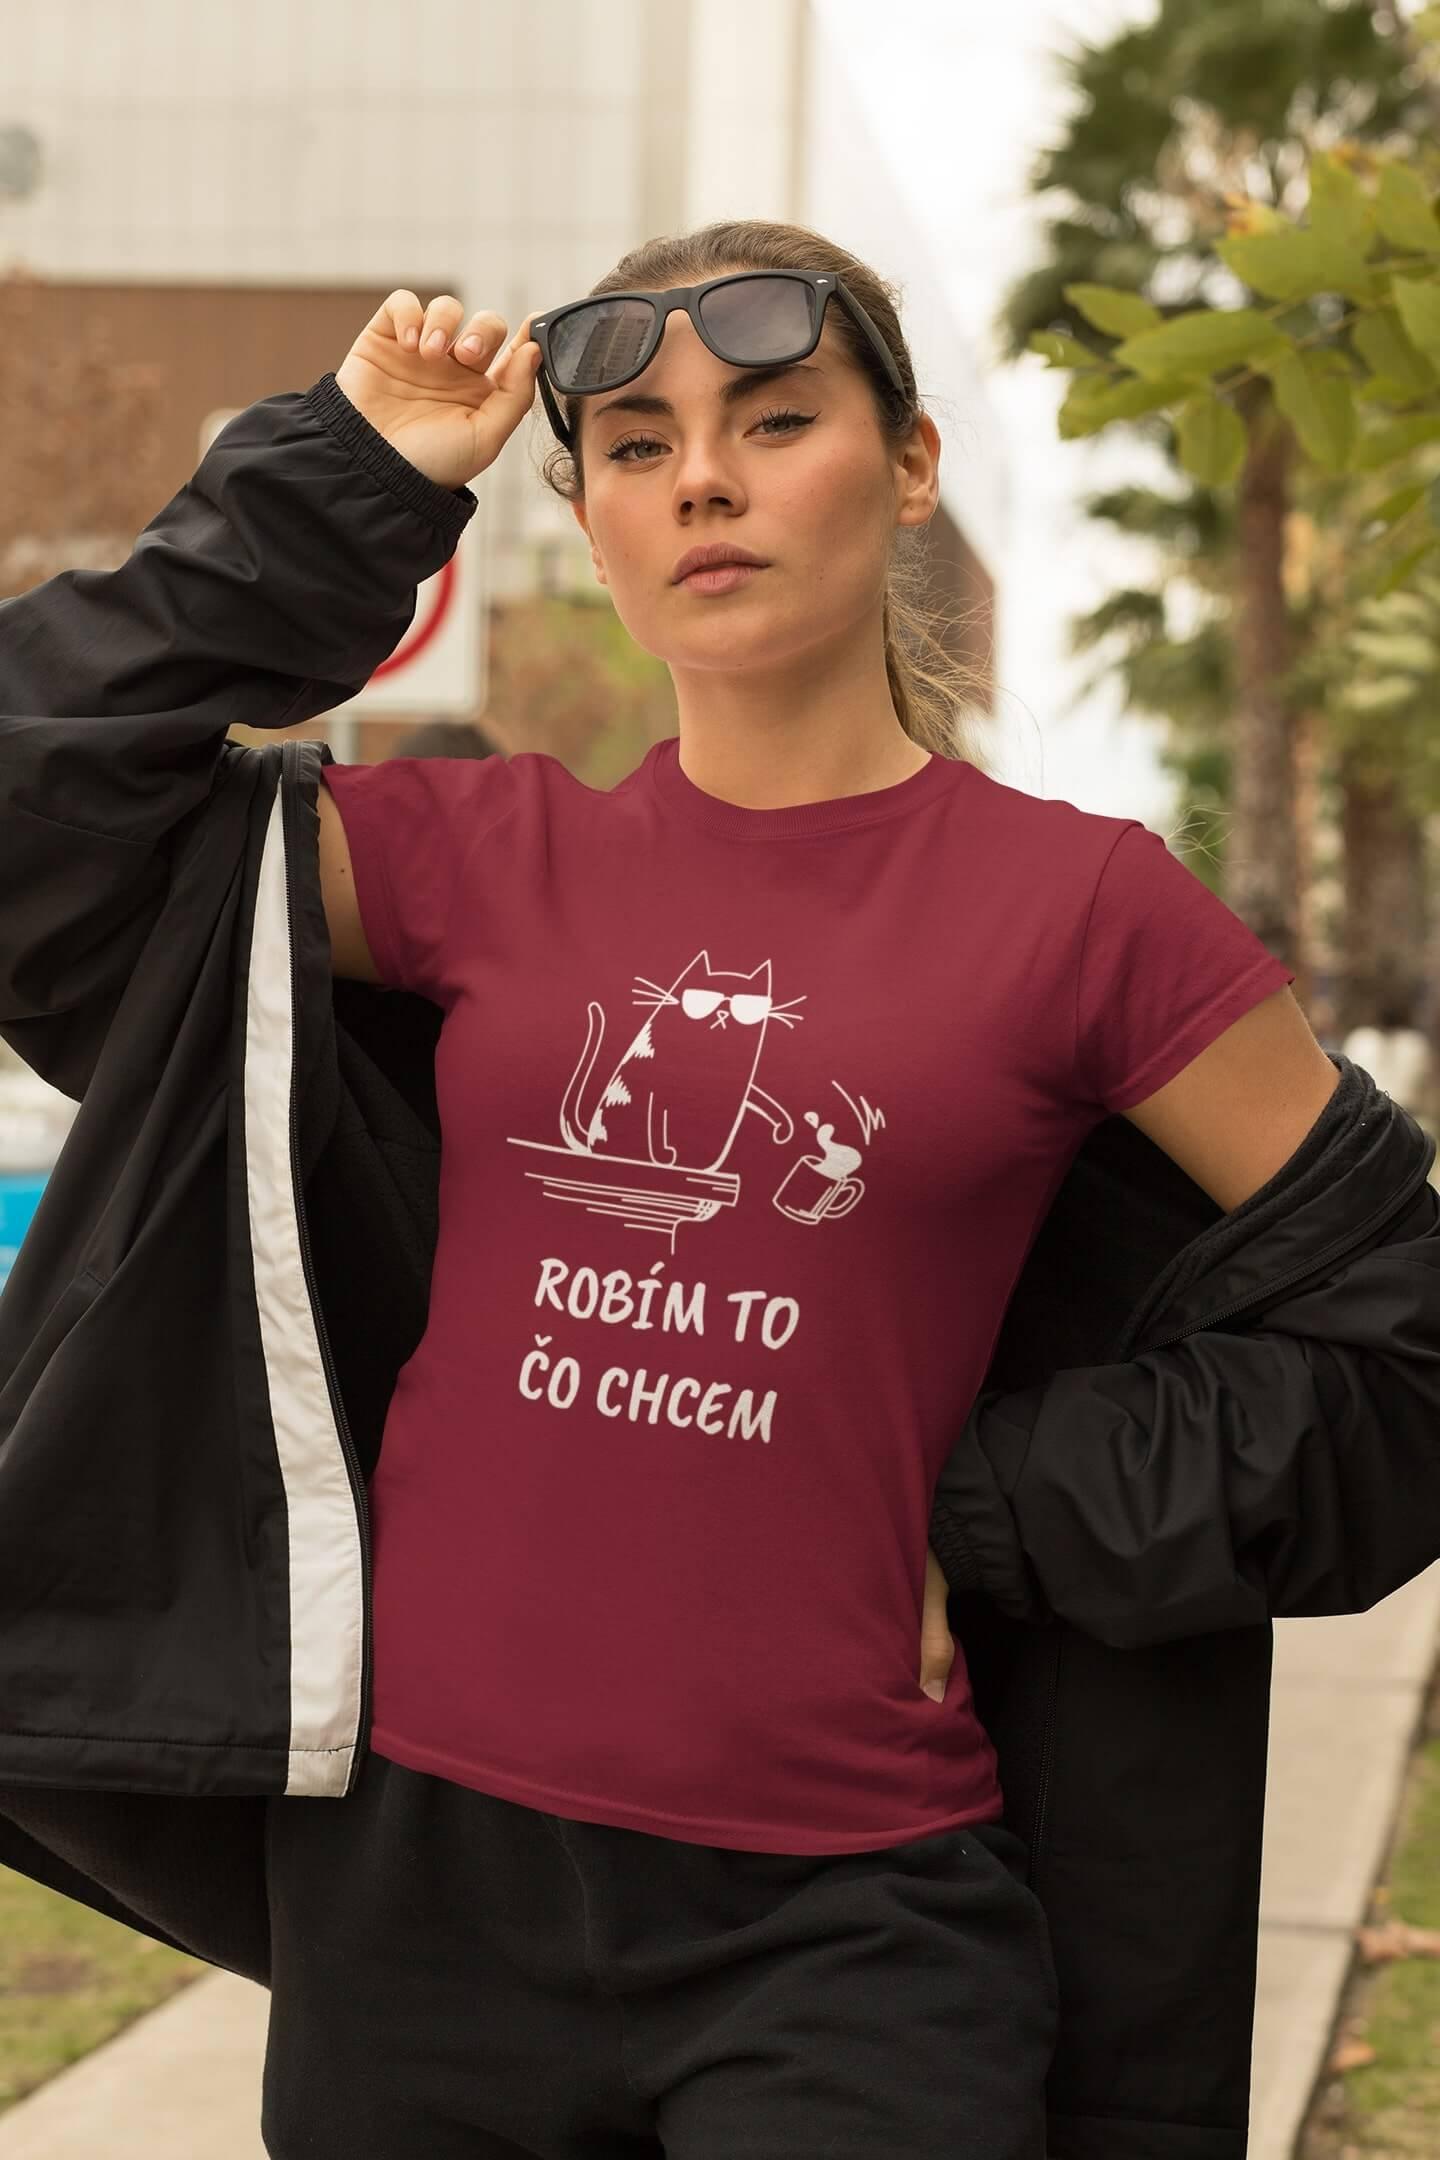 MMO Dámske tričko Robím to čo chcem káva Vyberte farbu:: Marlboro červená, Dámska veľkosť: XS